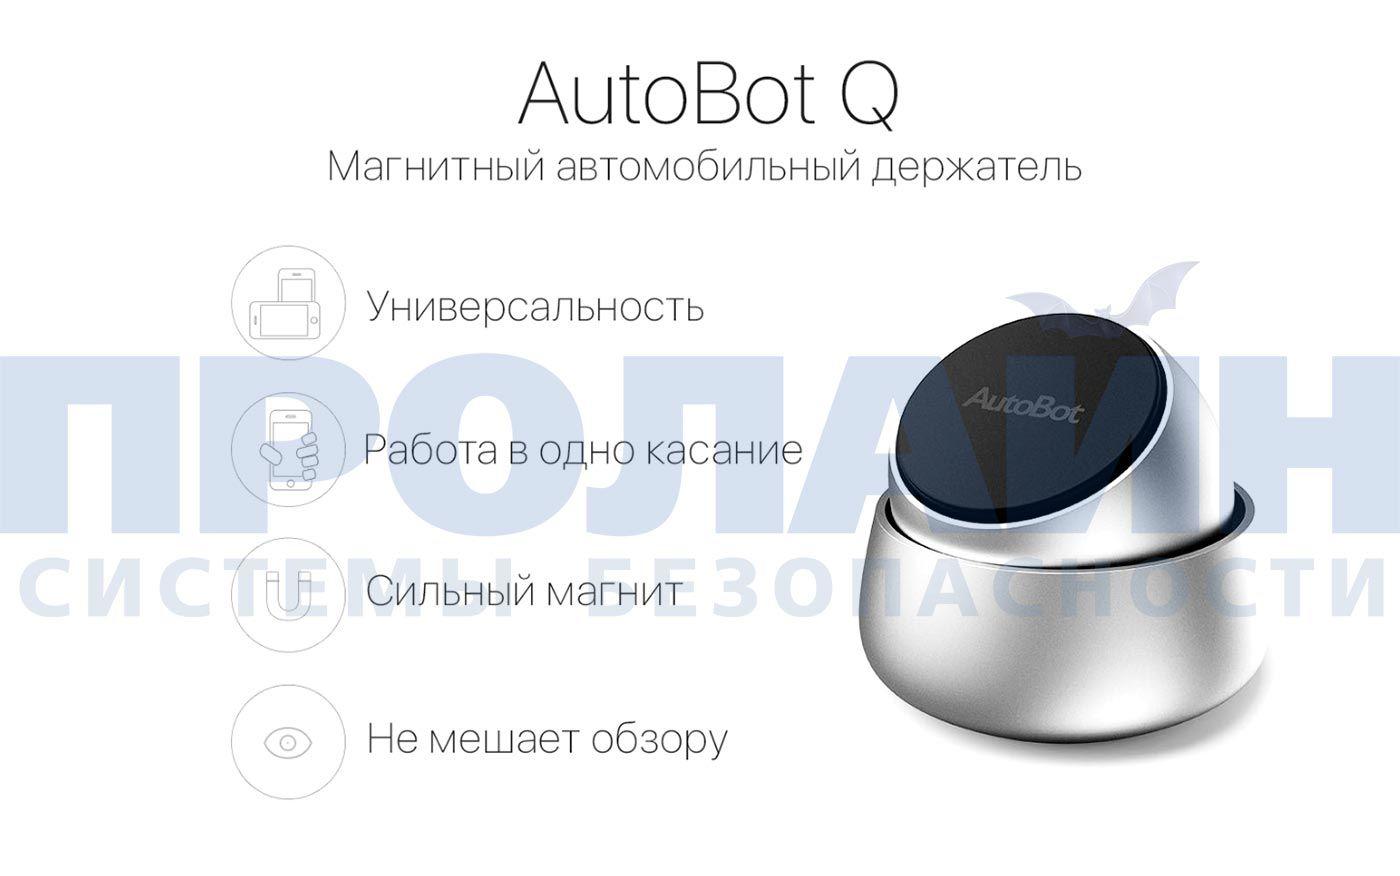 AUTOBOT Q